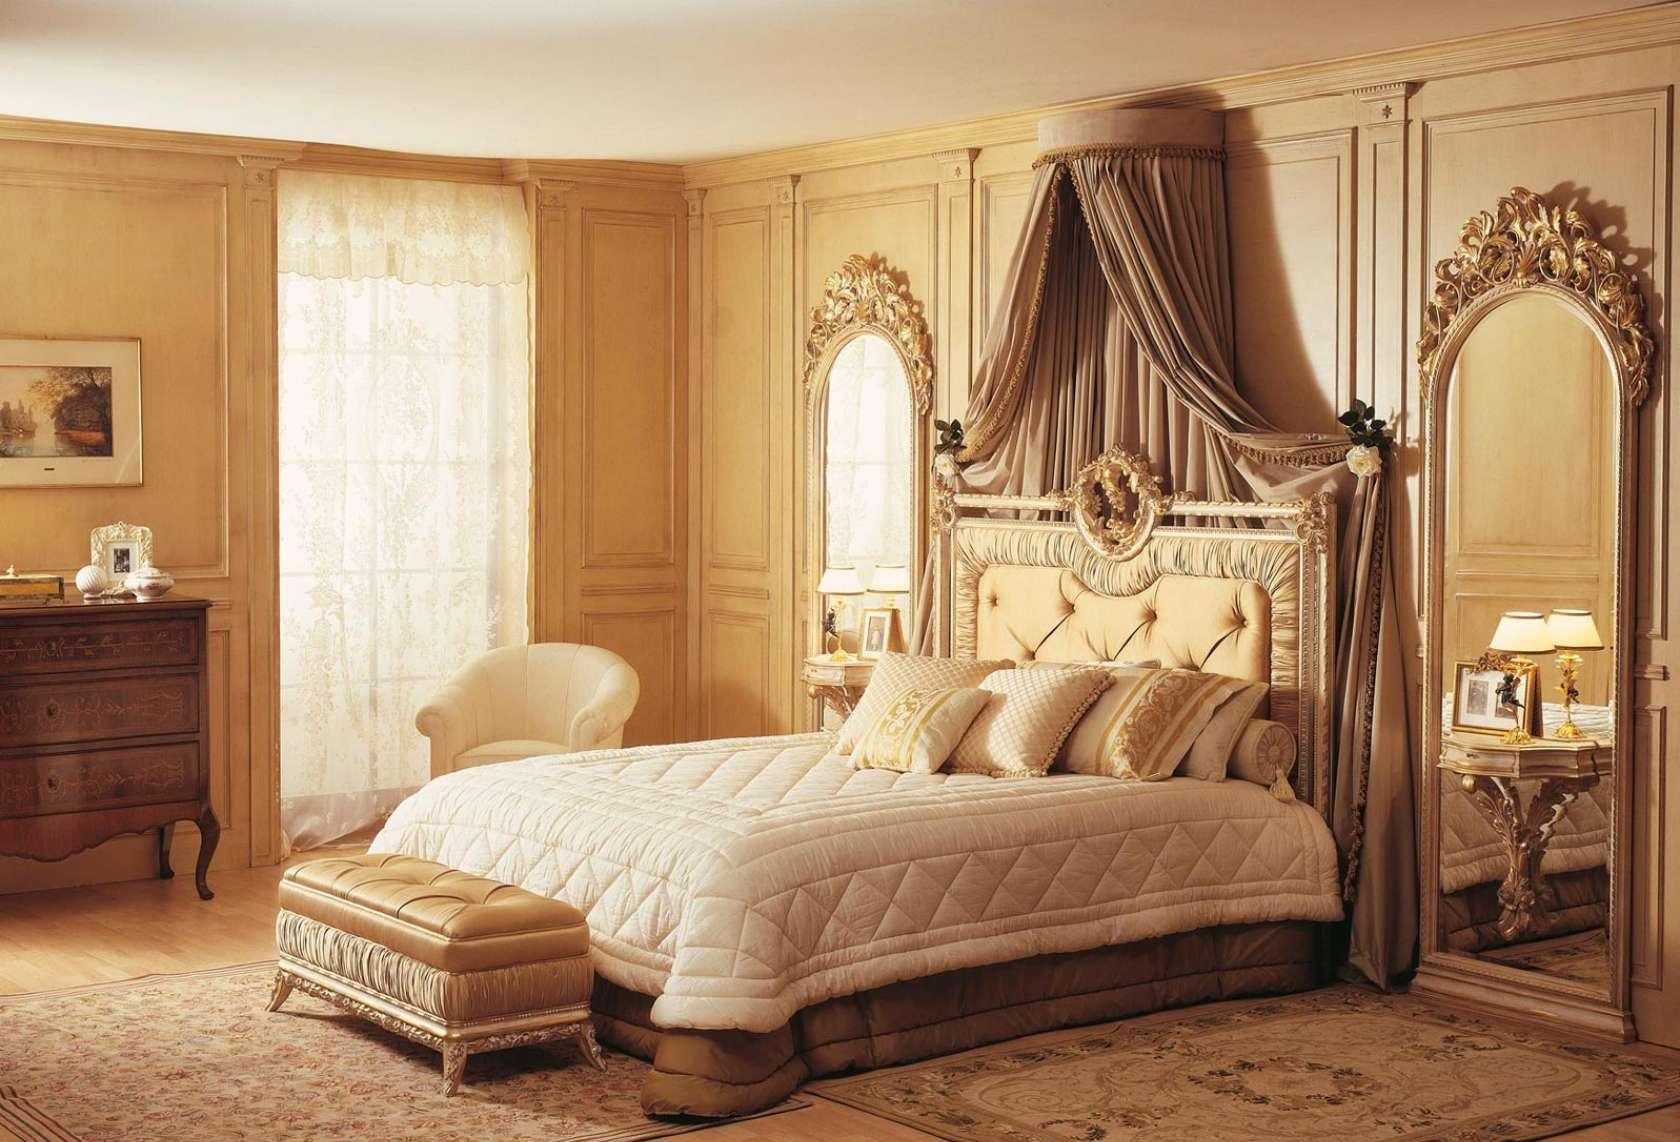 Балдахин в классической спальне